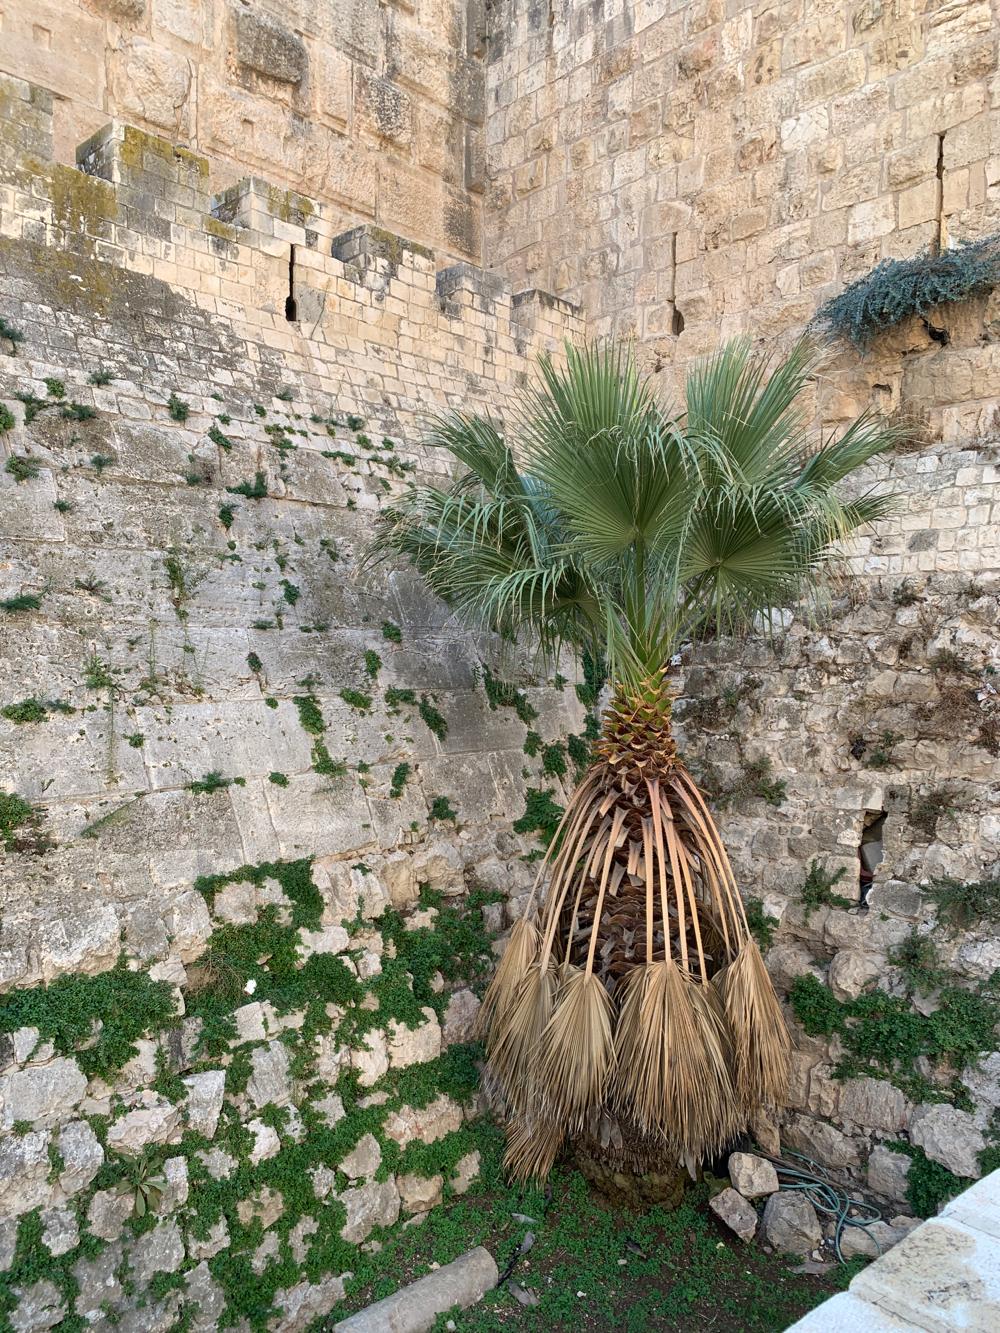 walls of Old Jerusalem